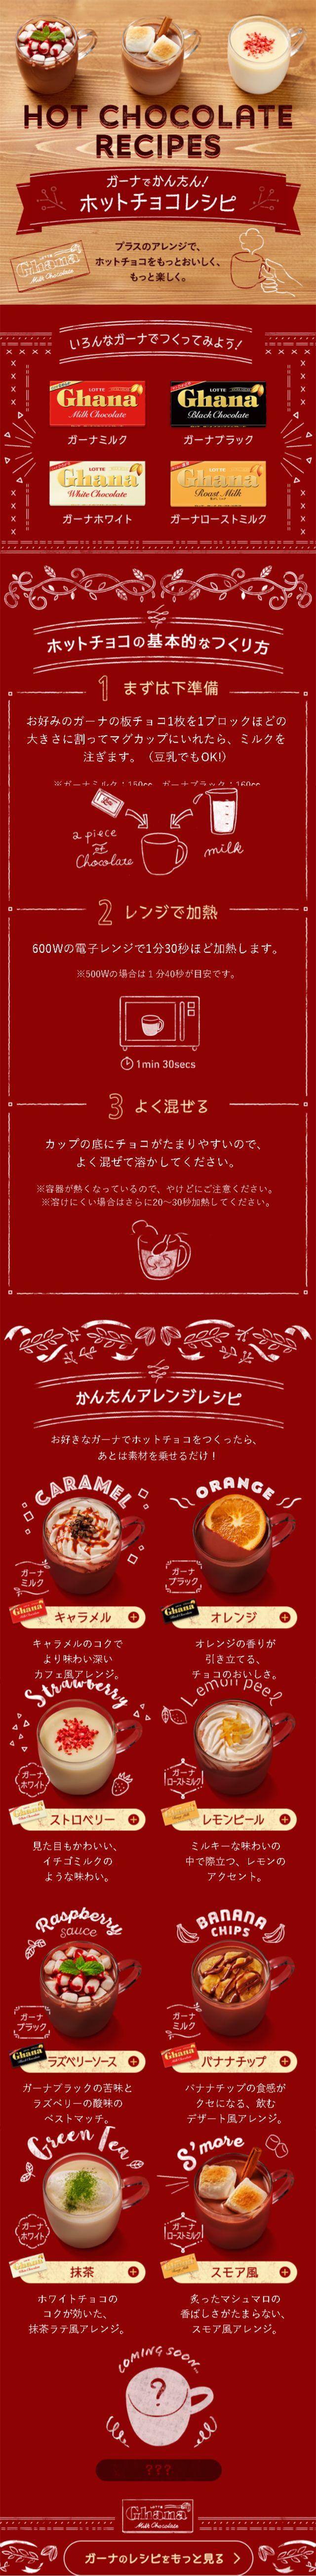 株式会社ロッテ様の「ガーナ ホットチョコレシピ」のランディングページ(LP)かわいい系|水・ソフトドリンク